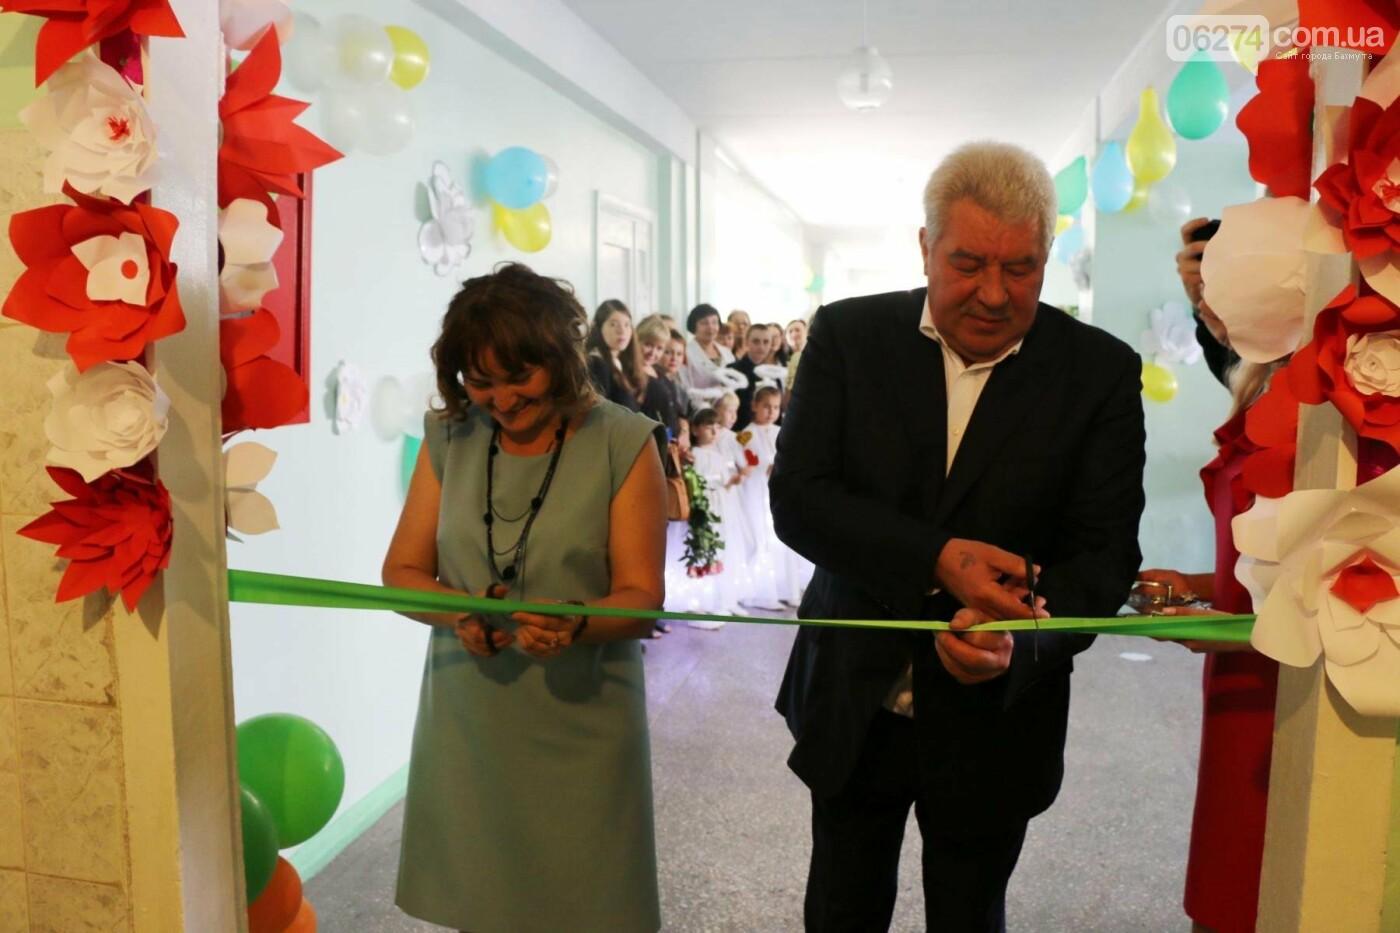 В Бахмуте открыт Инклюзивно-ресурсный центр для детей с особыми потребностями, фото-7